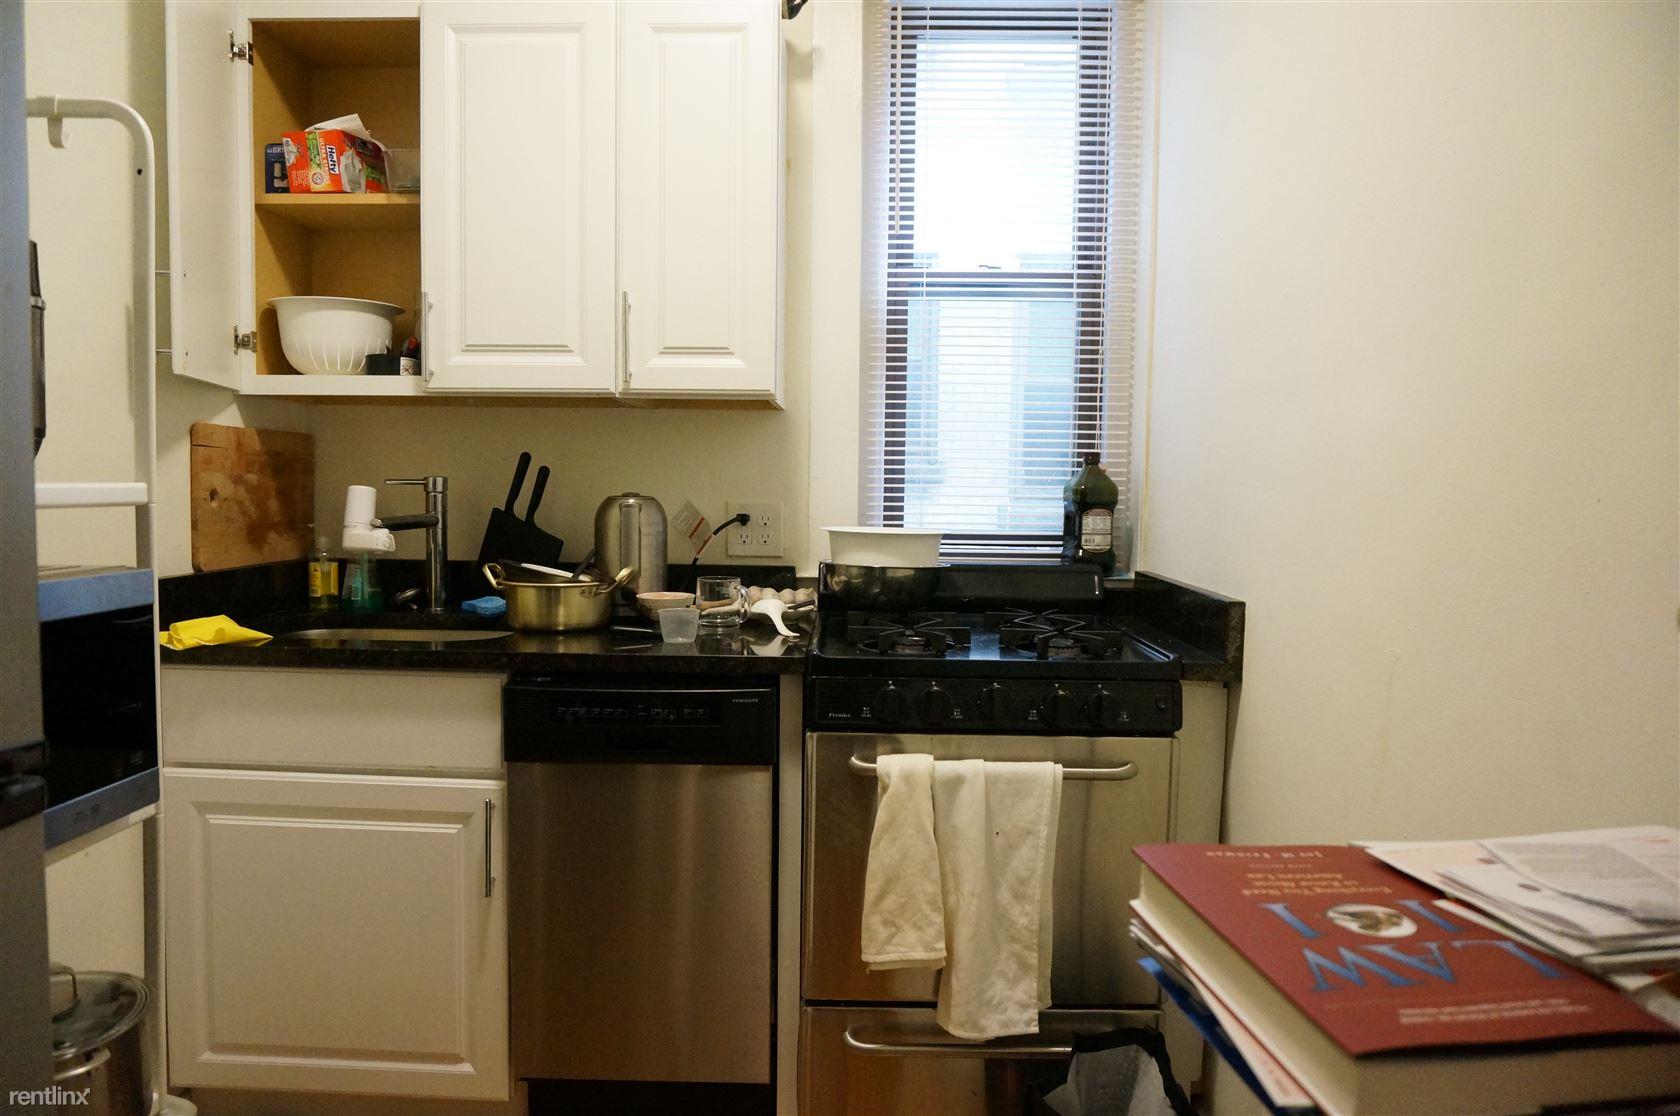 86 Brainerd Rd Apt 112, Allston, MA - $2,050